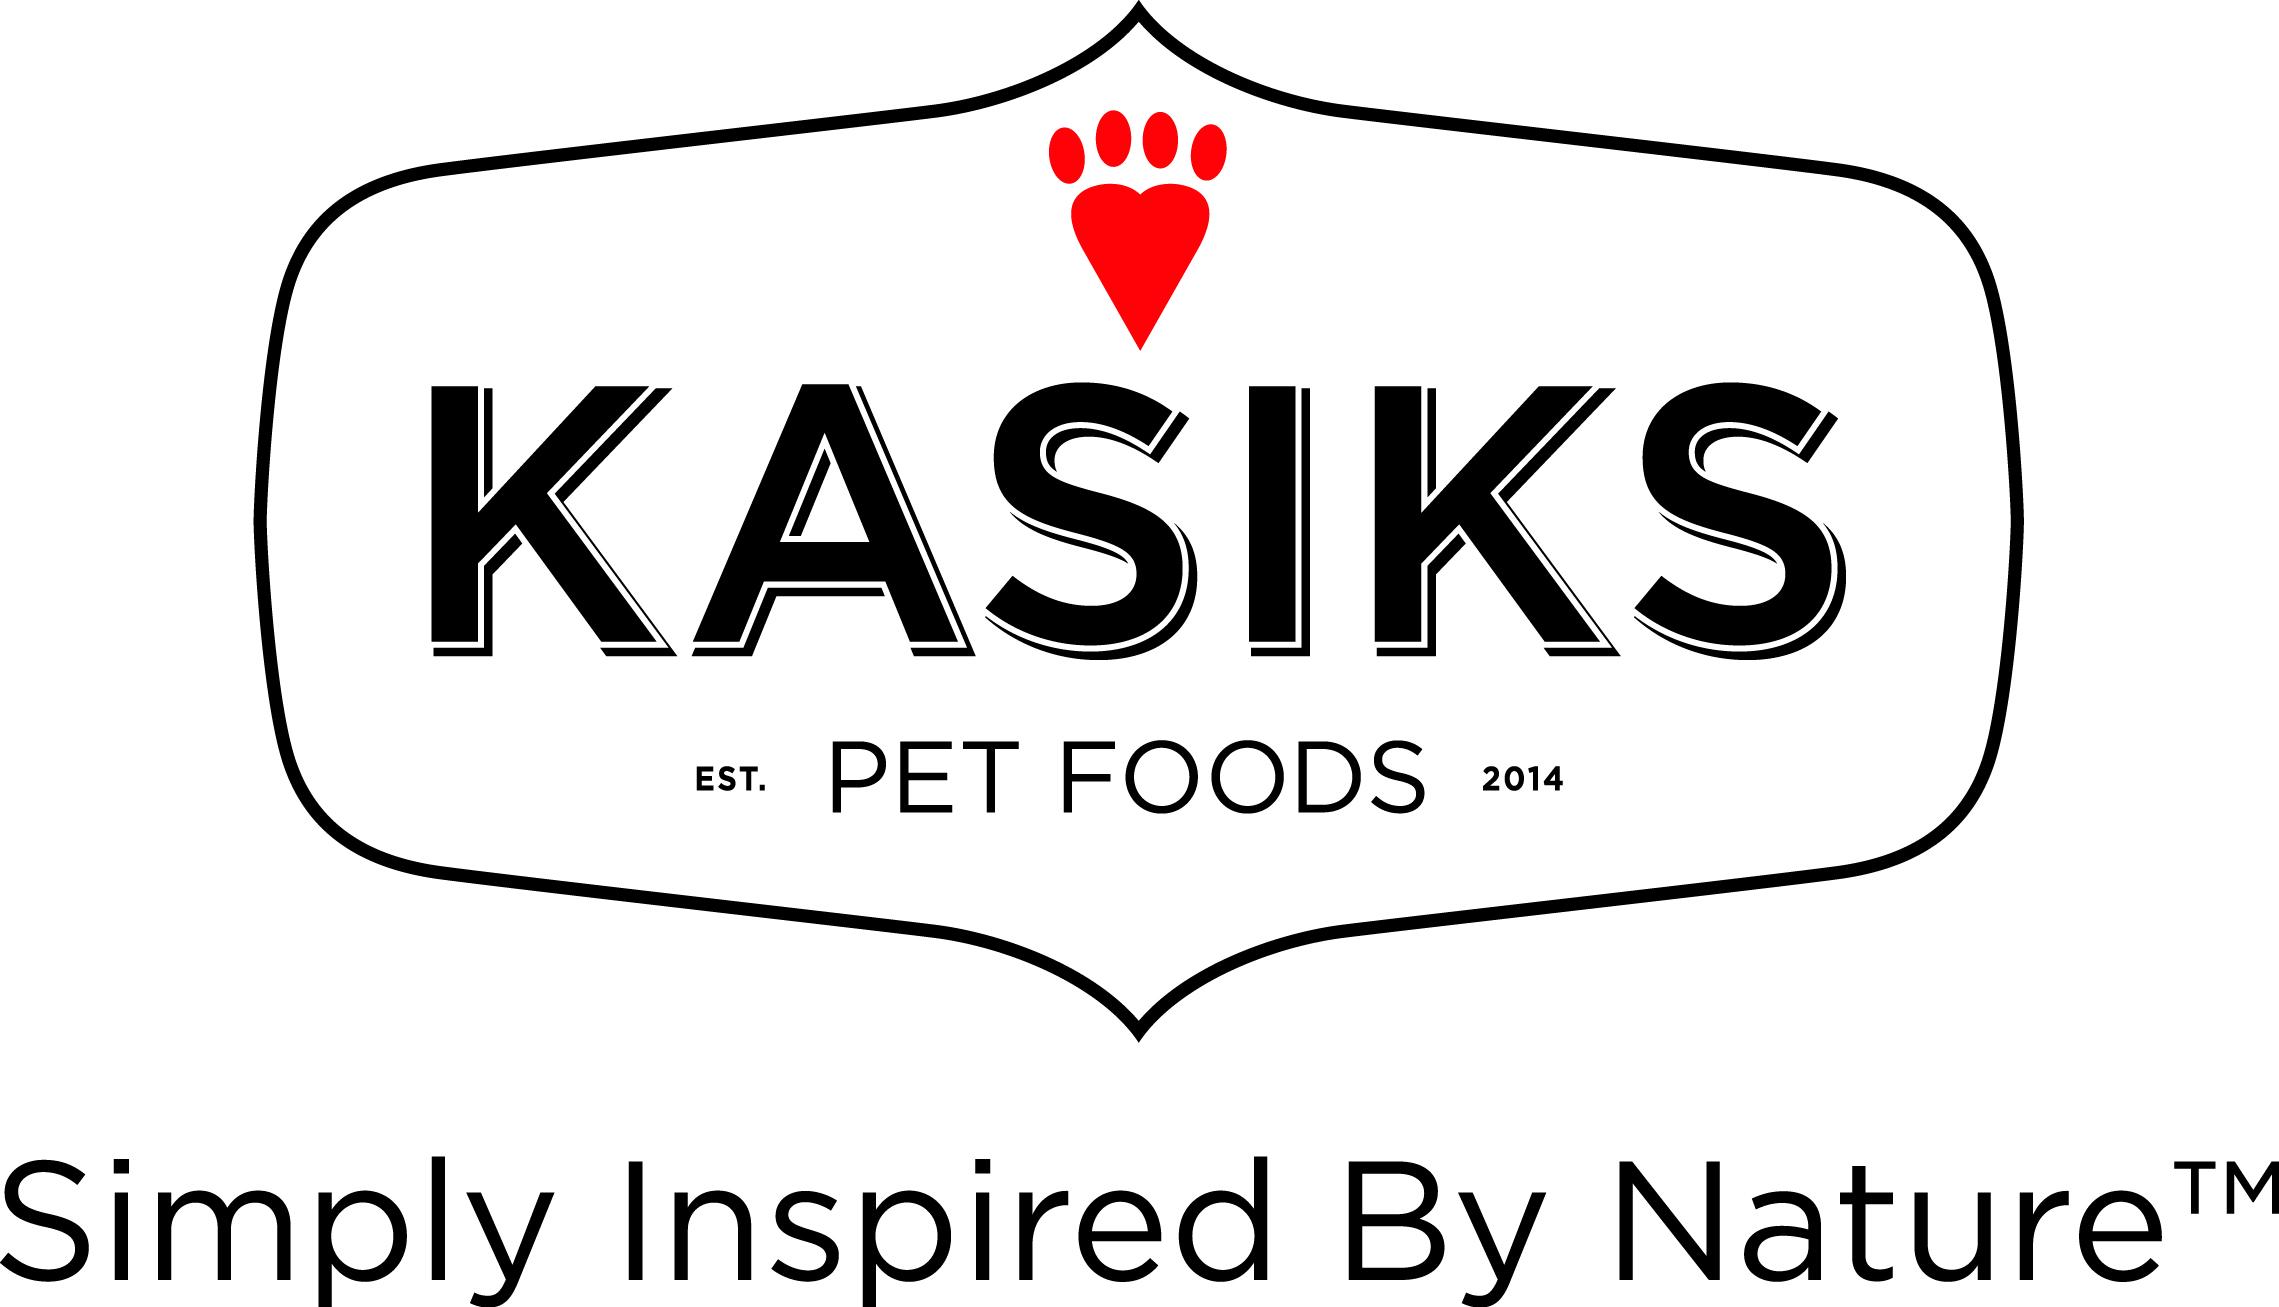 KASIKS Logo Image